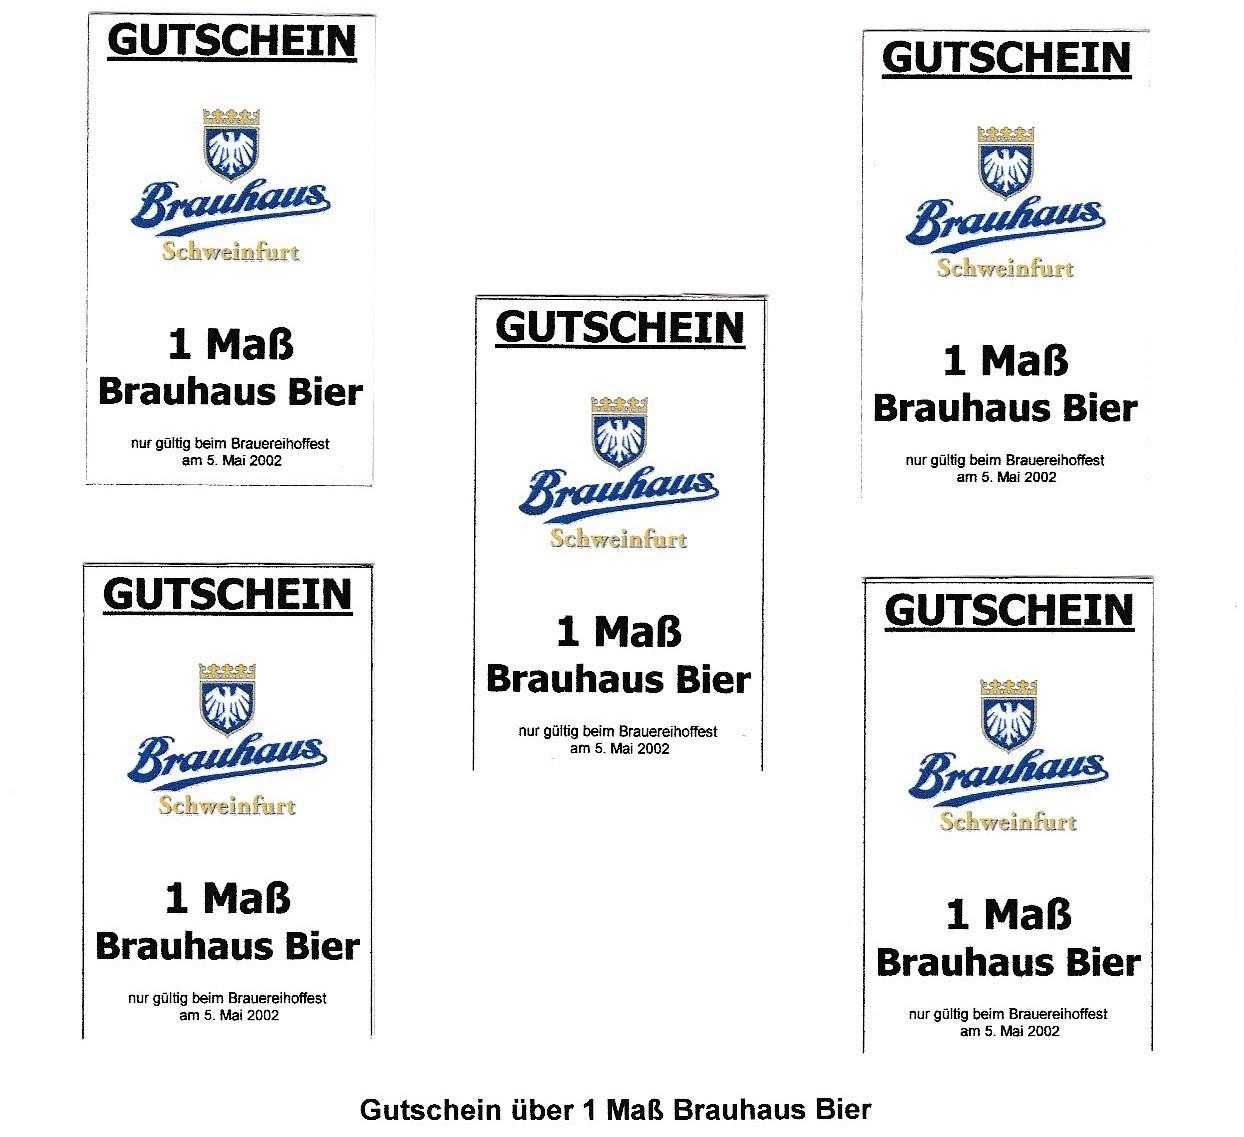 Dieser Gutschein konnte nur beim Brauereihoffest auf dem Brauhausbetriebshof am 5. Mai 2002 für Bierfreibezug eingelöst werden. verantwortlich war Klaus Markfelder